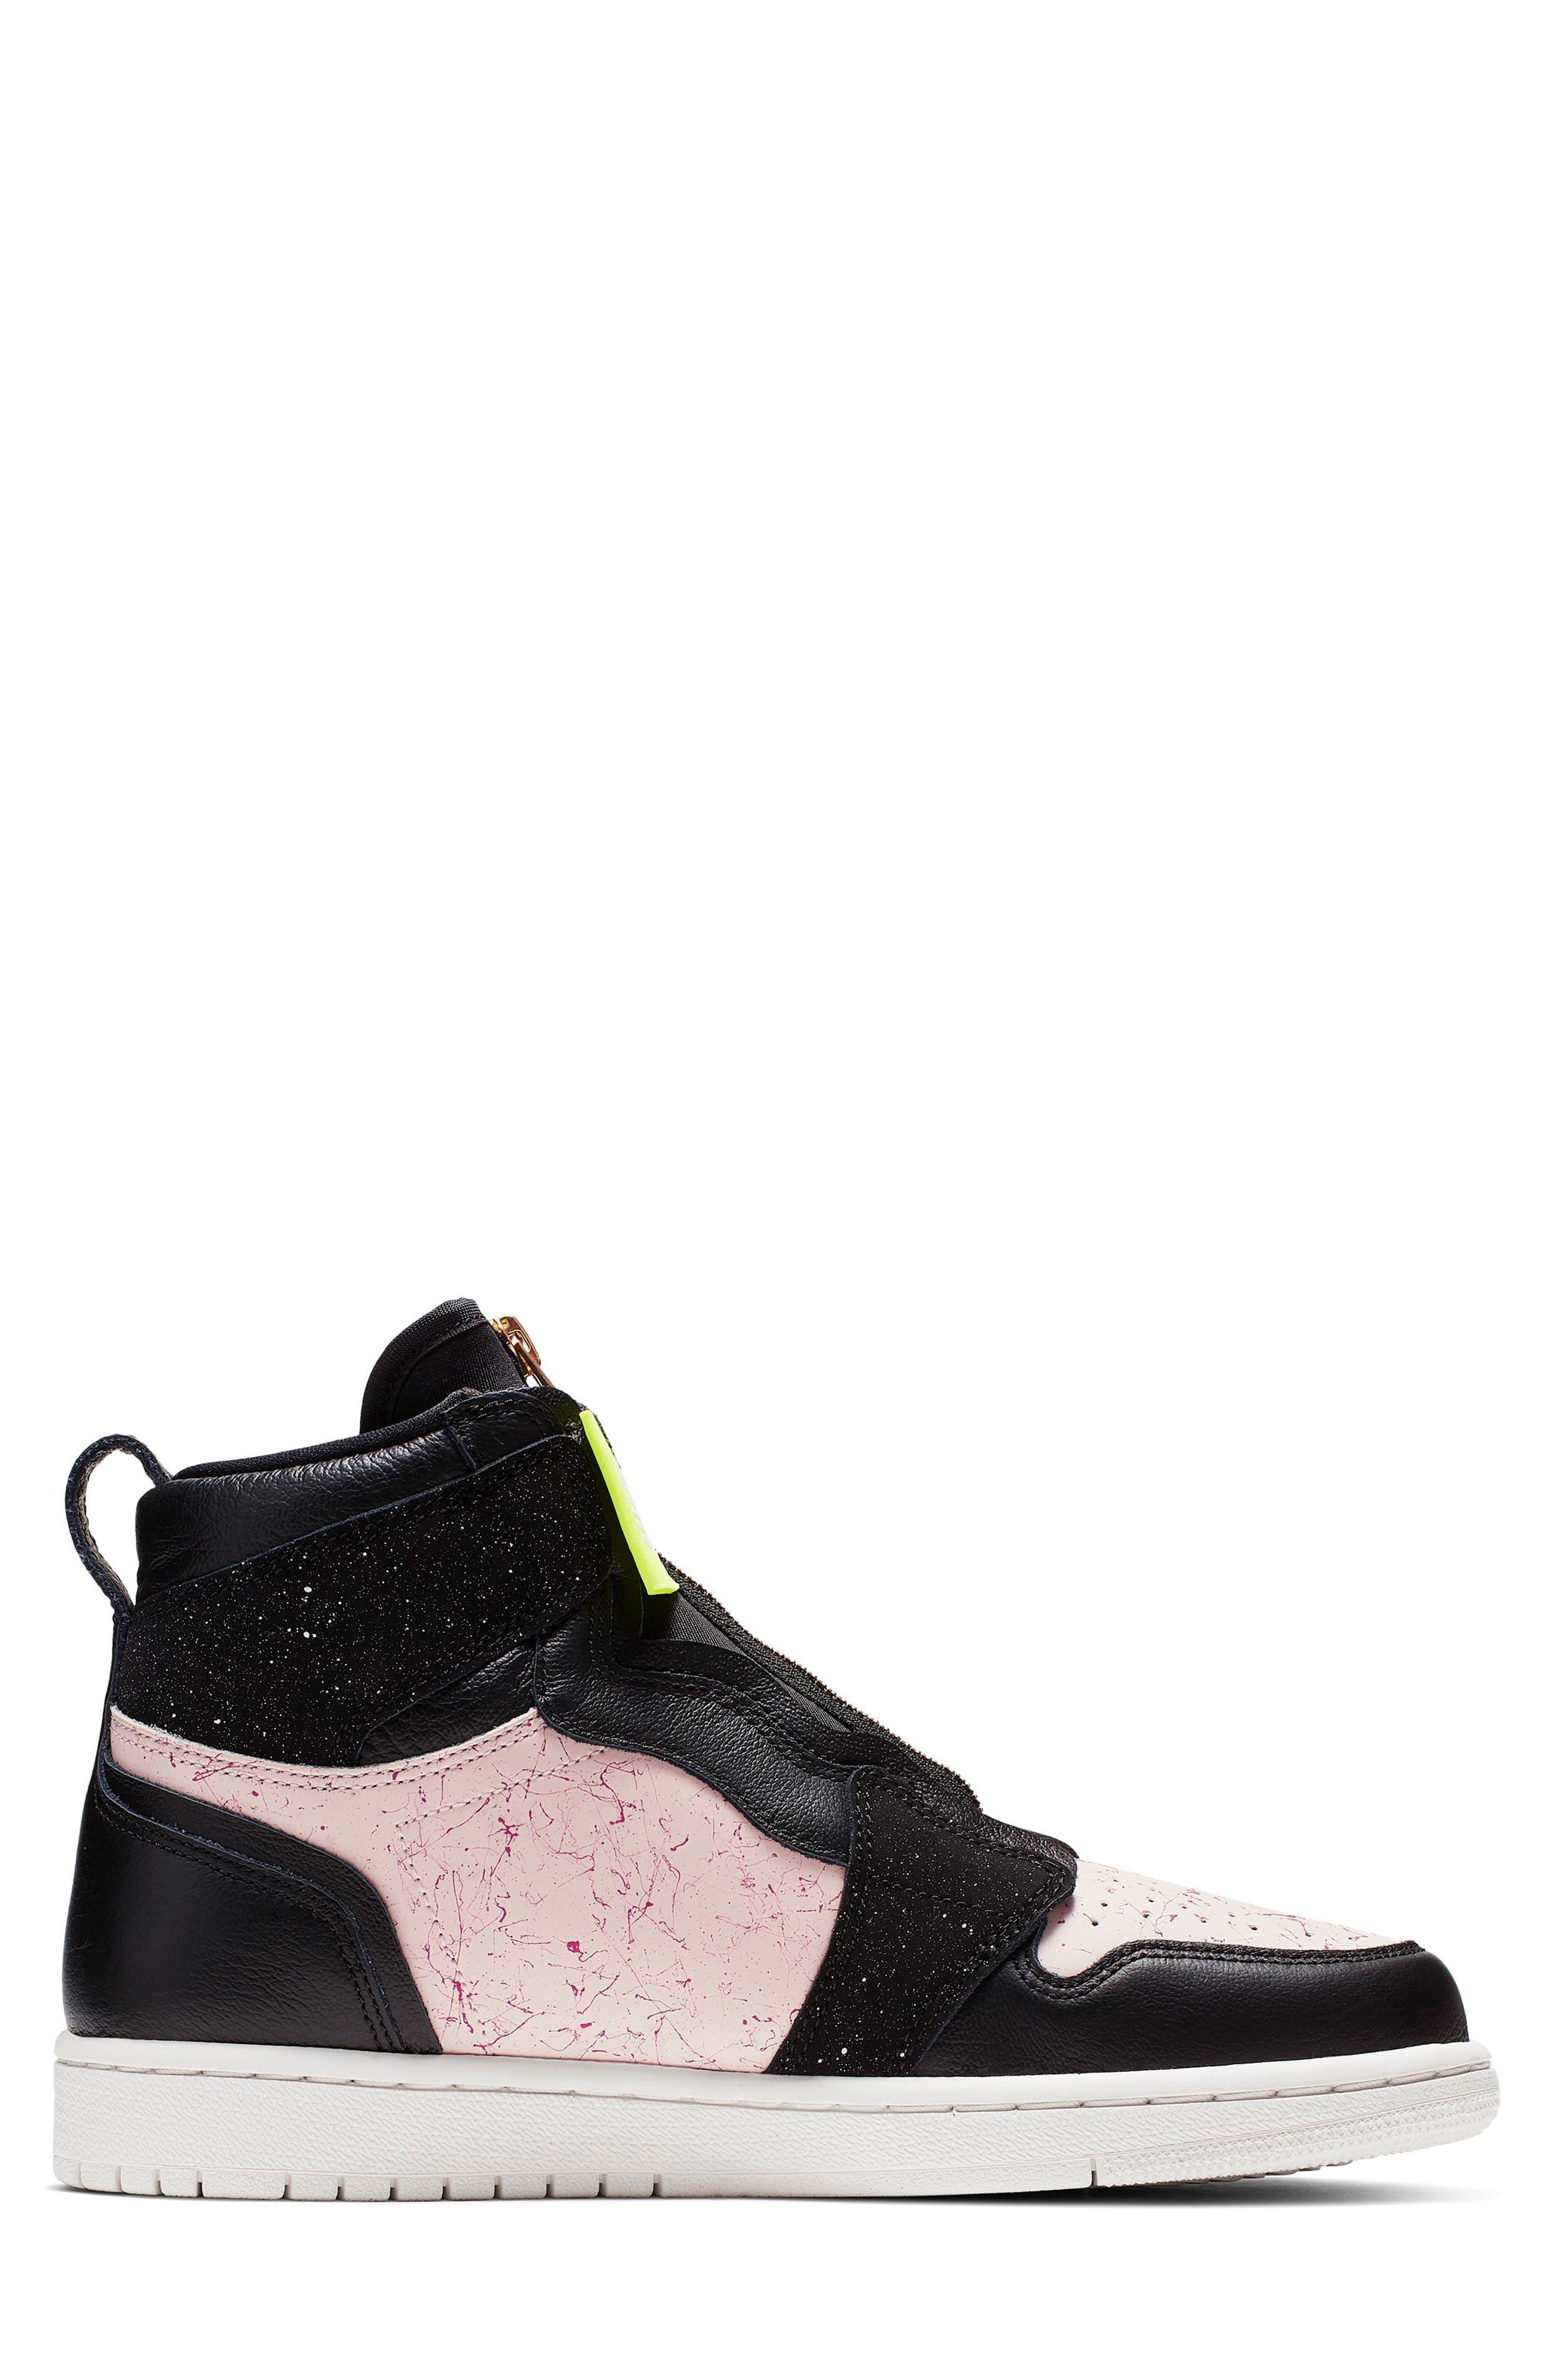 NIKE, Air Jordan 1 Zip High Top Sneakers, Alternate thumbnail 3, color, BLACK/ GOLD/ PHANTOM/ RED